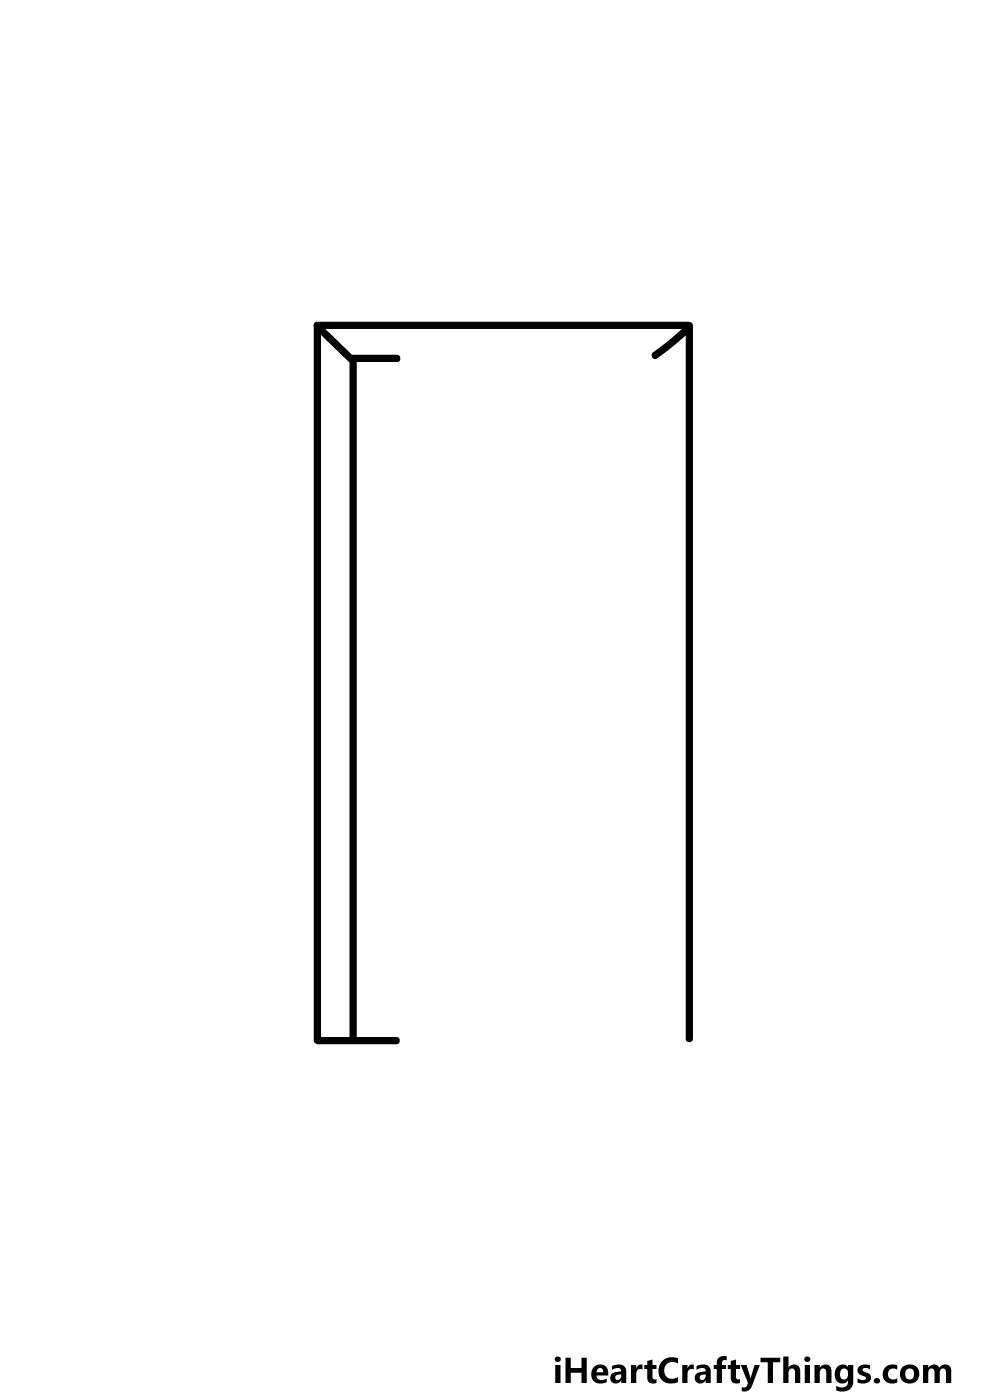 drawing a door step 2